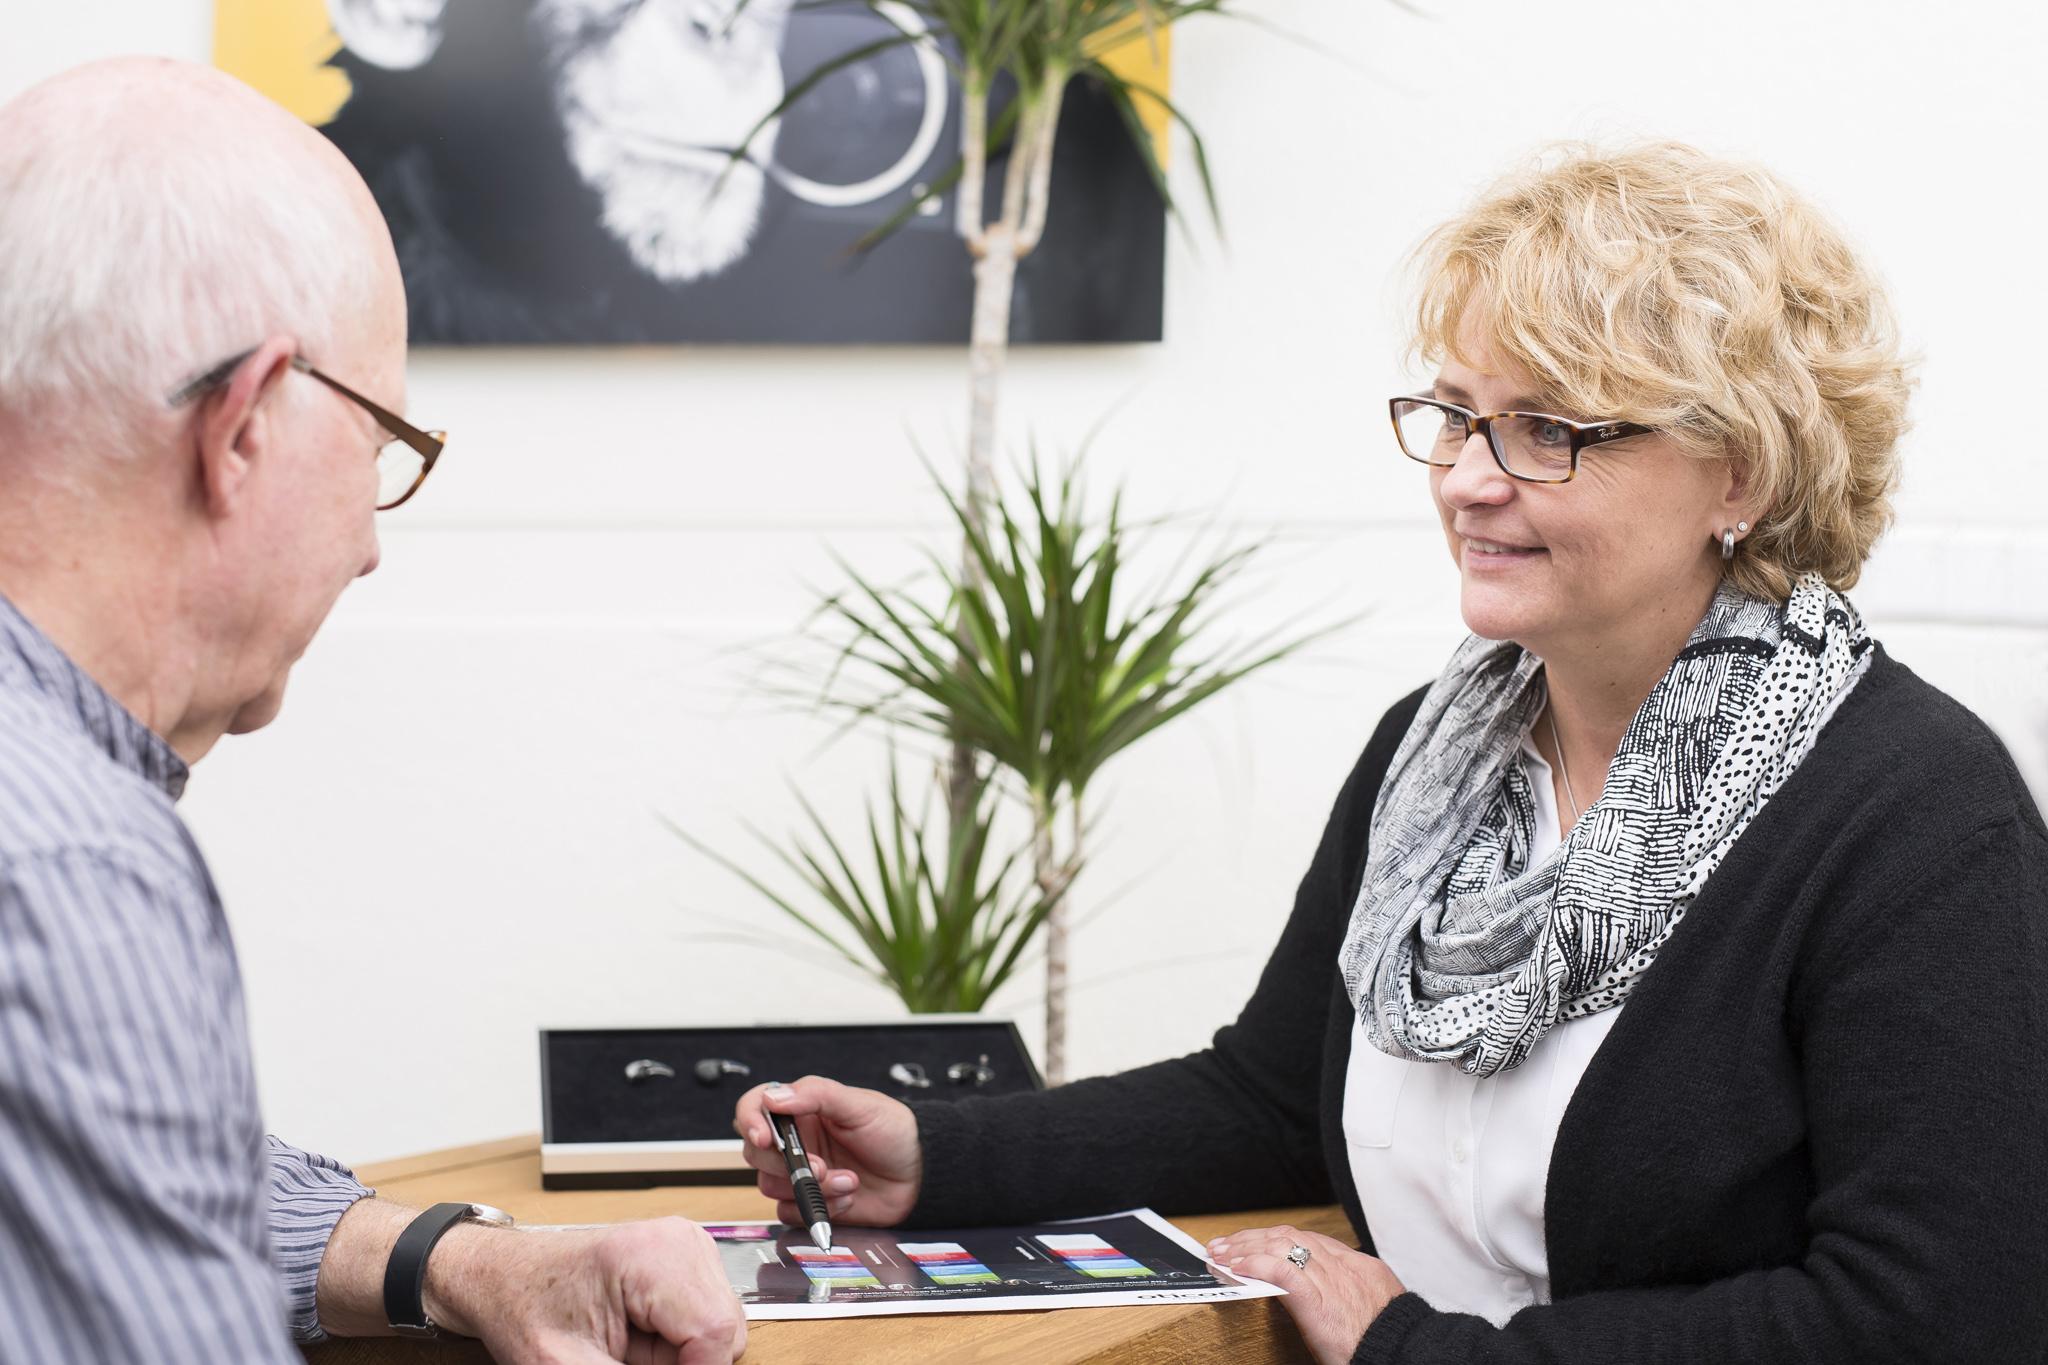 Hörberatung am Kunden und Auswahl der Hörgeräte